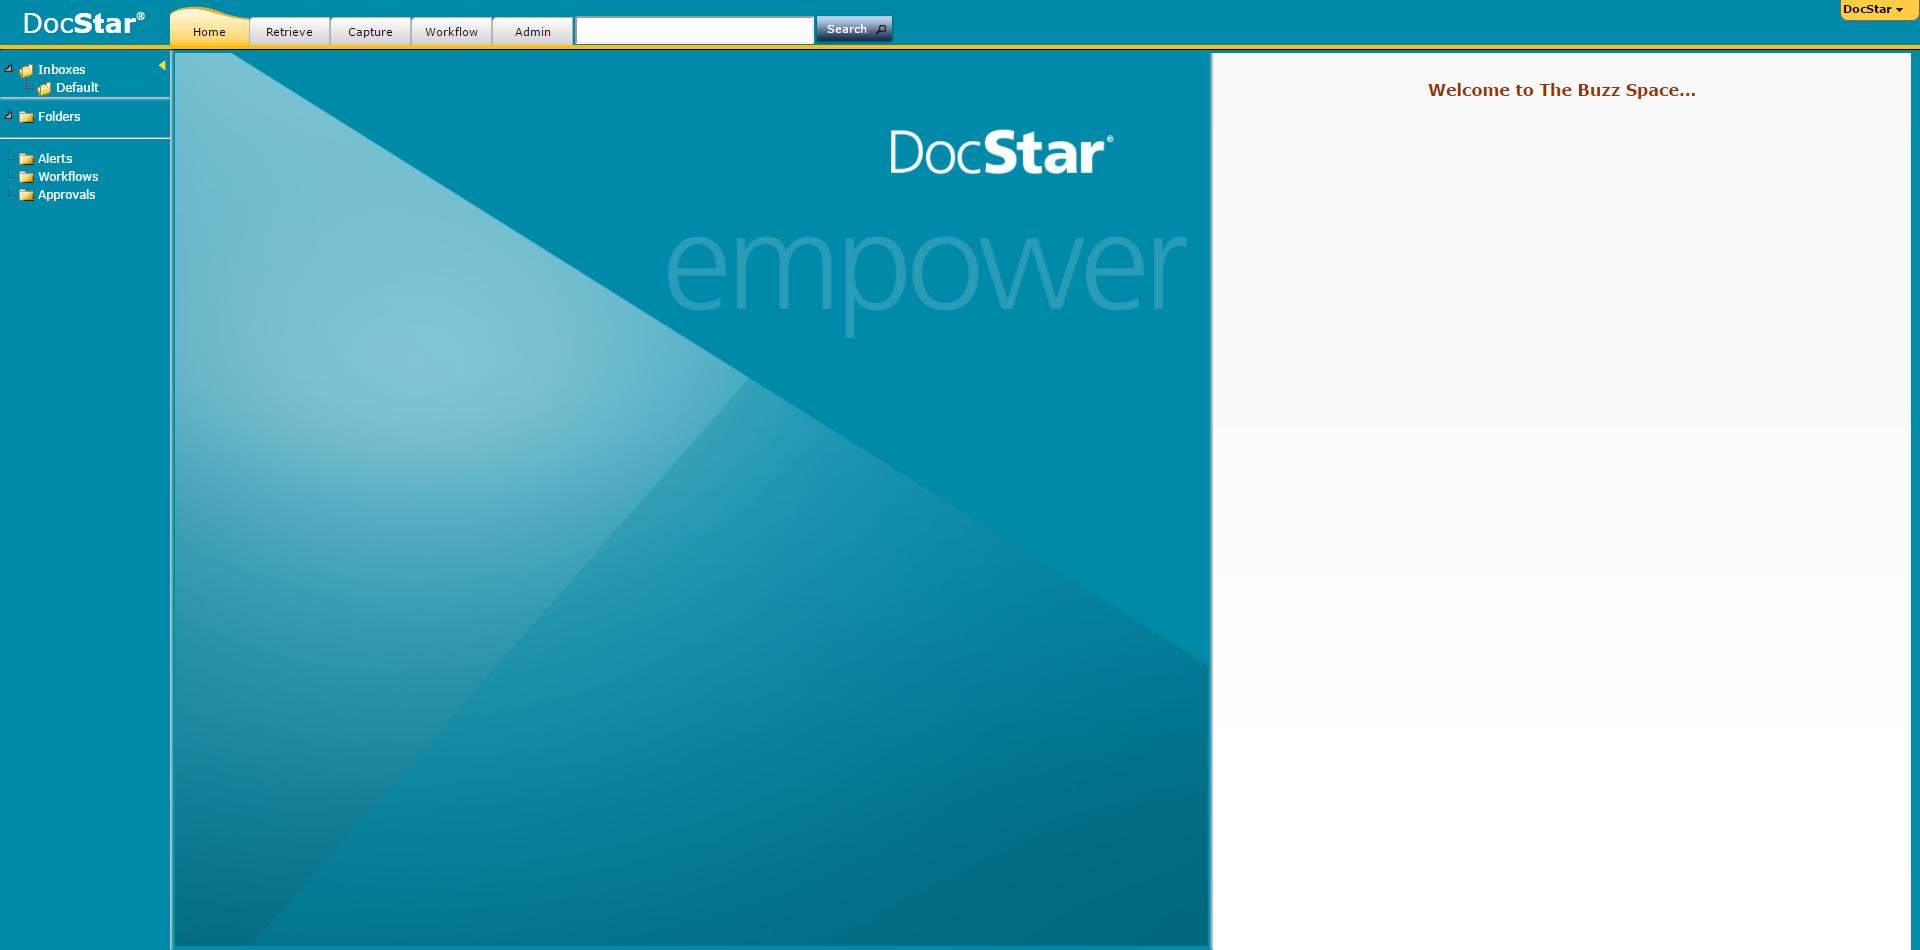 DocStar ECM Demo - DocStar ECM Home Screen